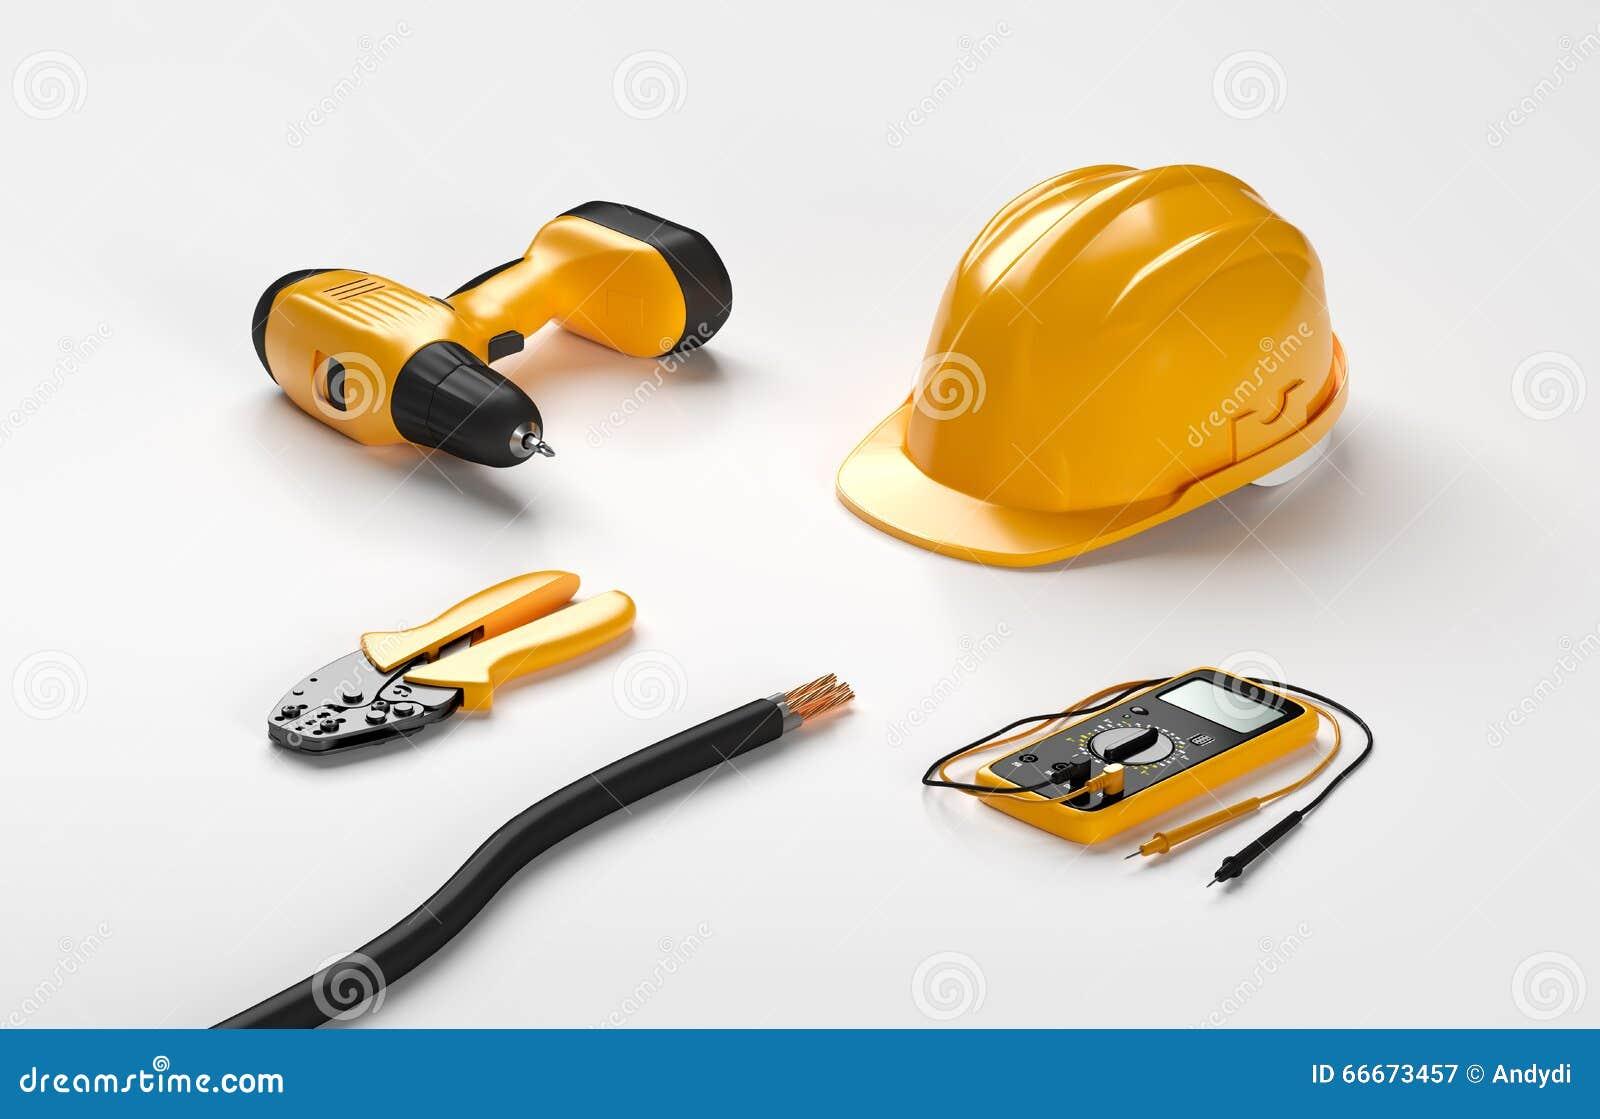 Tournevis électrique, casque, pinces de rabattement